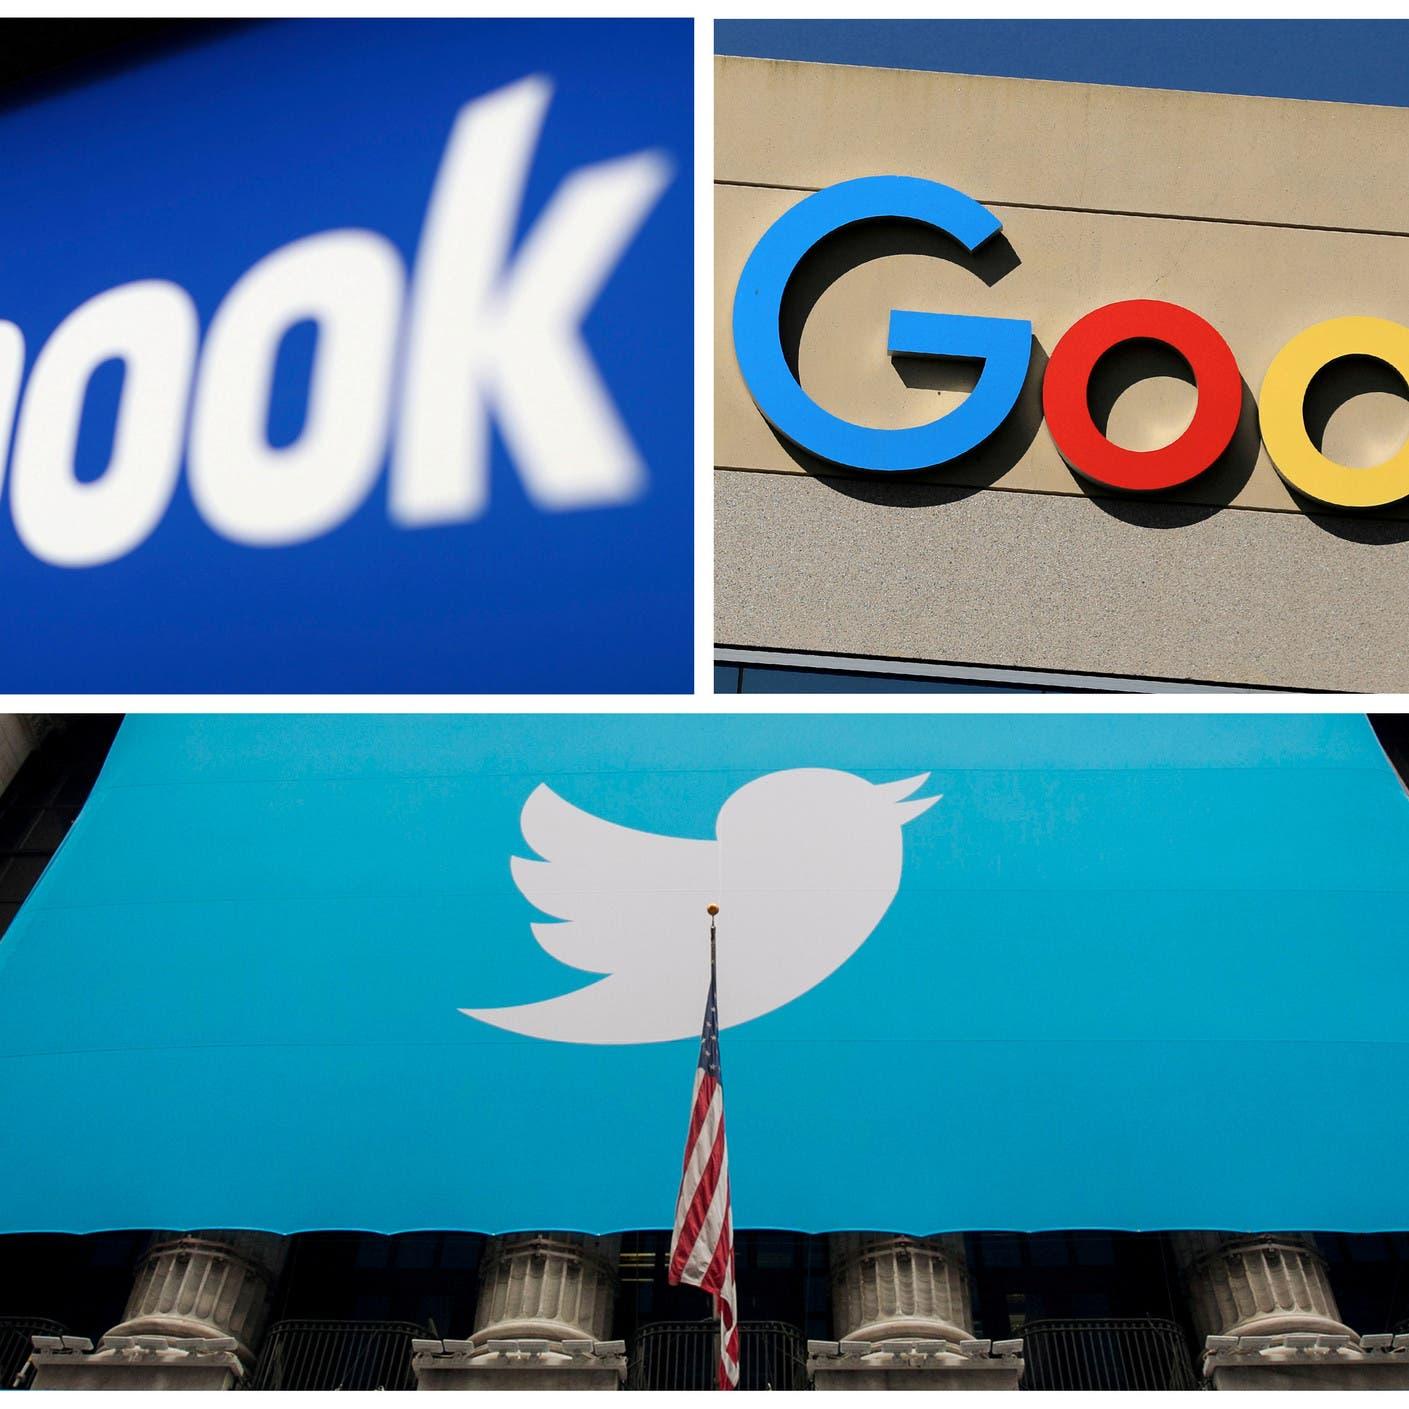 قانون جدلي.. أستراليا تلزم شركات التكنولوجيا بالدفع مقابل المحتوى